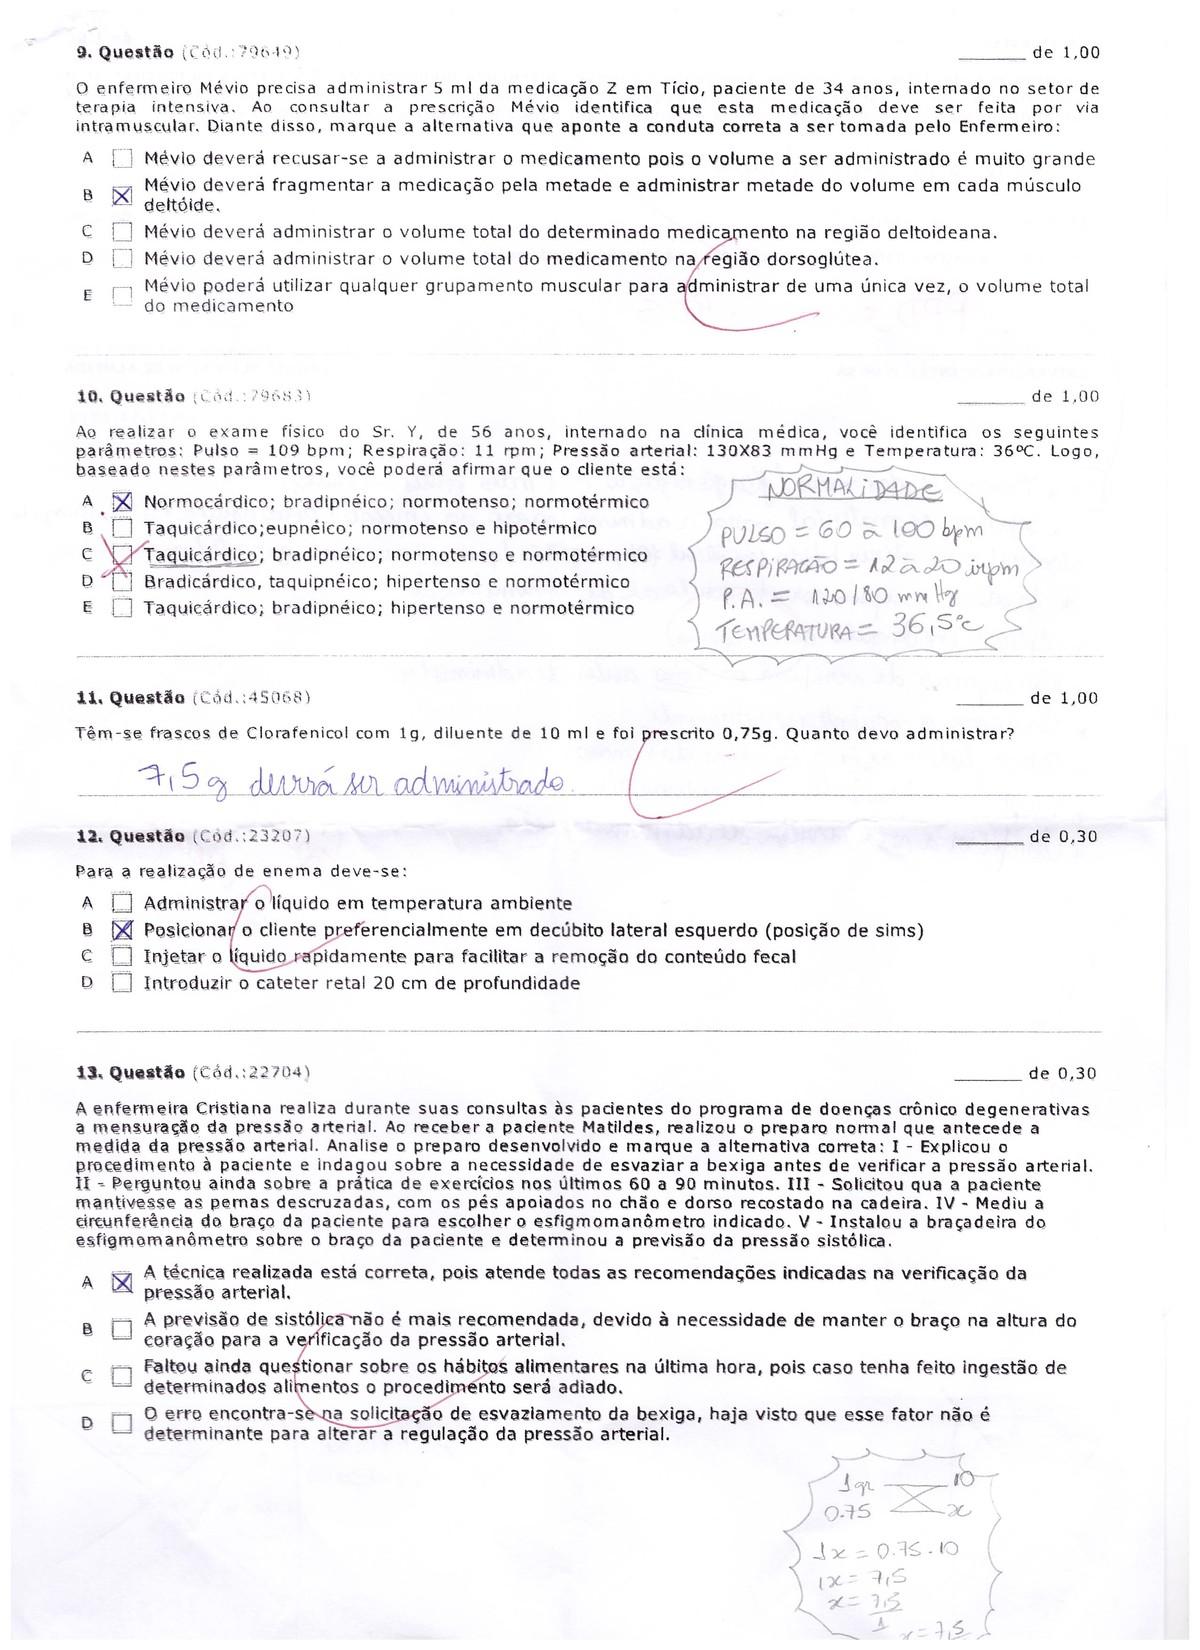 Pre-visualização do material AV2 SIST. DO CUIDAR PAG 2 001 - página 1